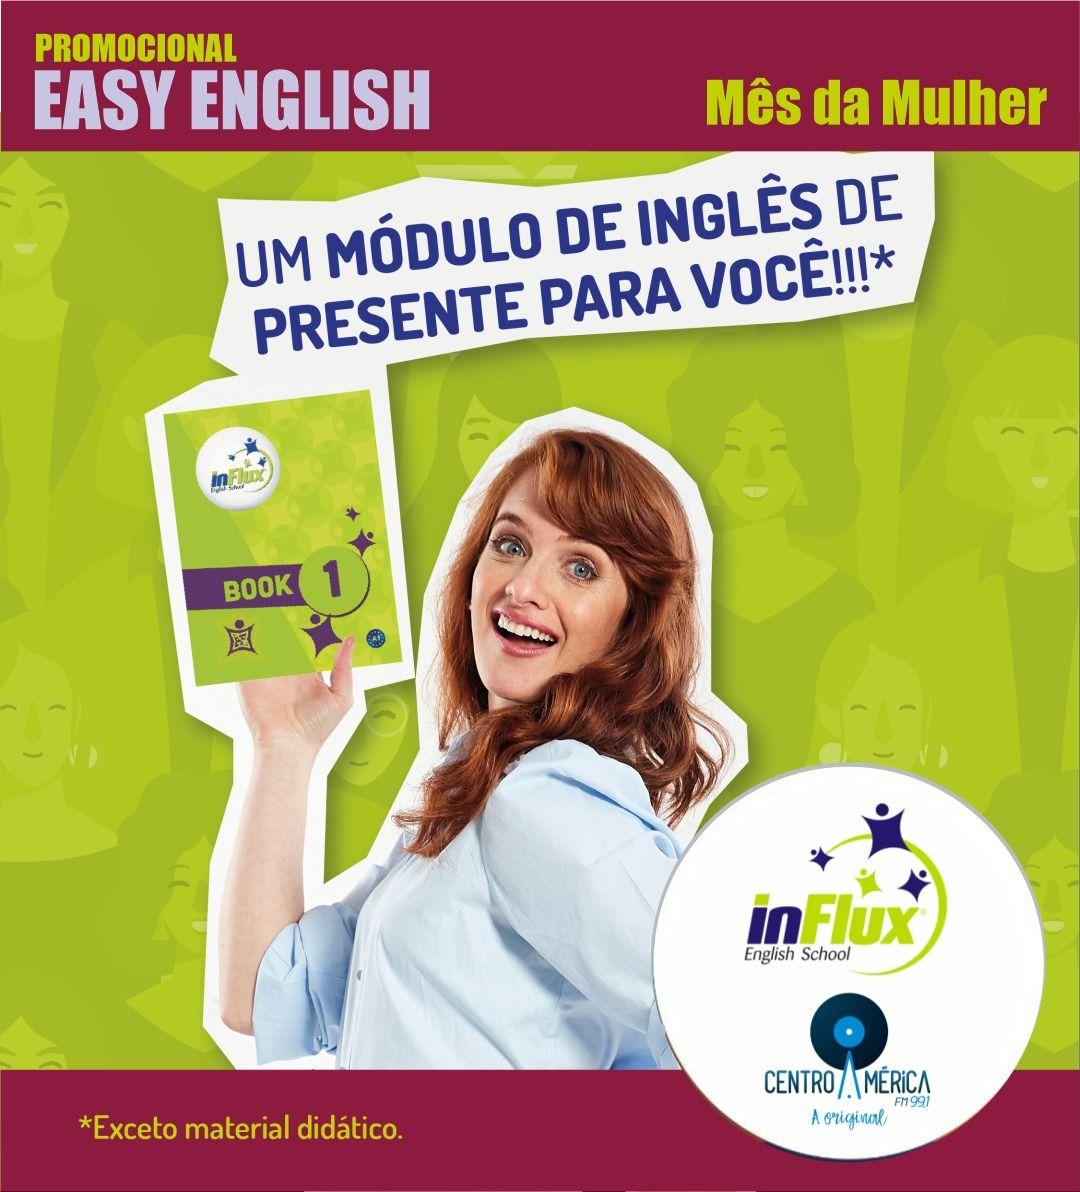 PROMOÇÃO EASY ENGLISH!